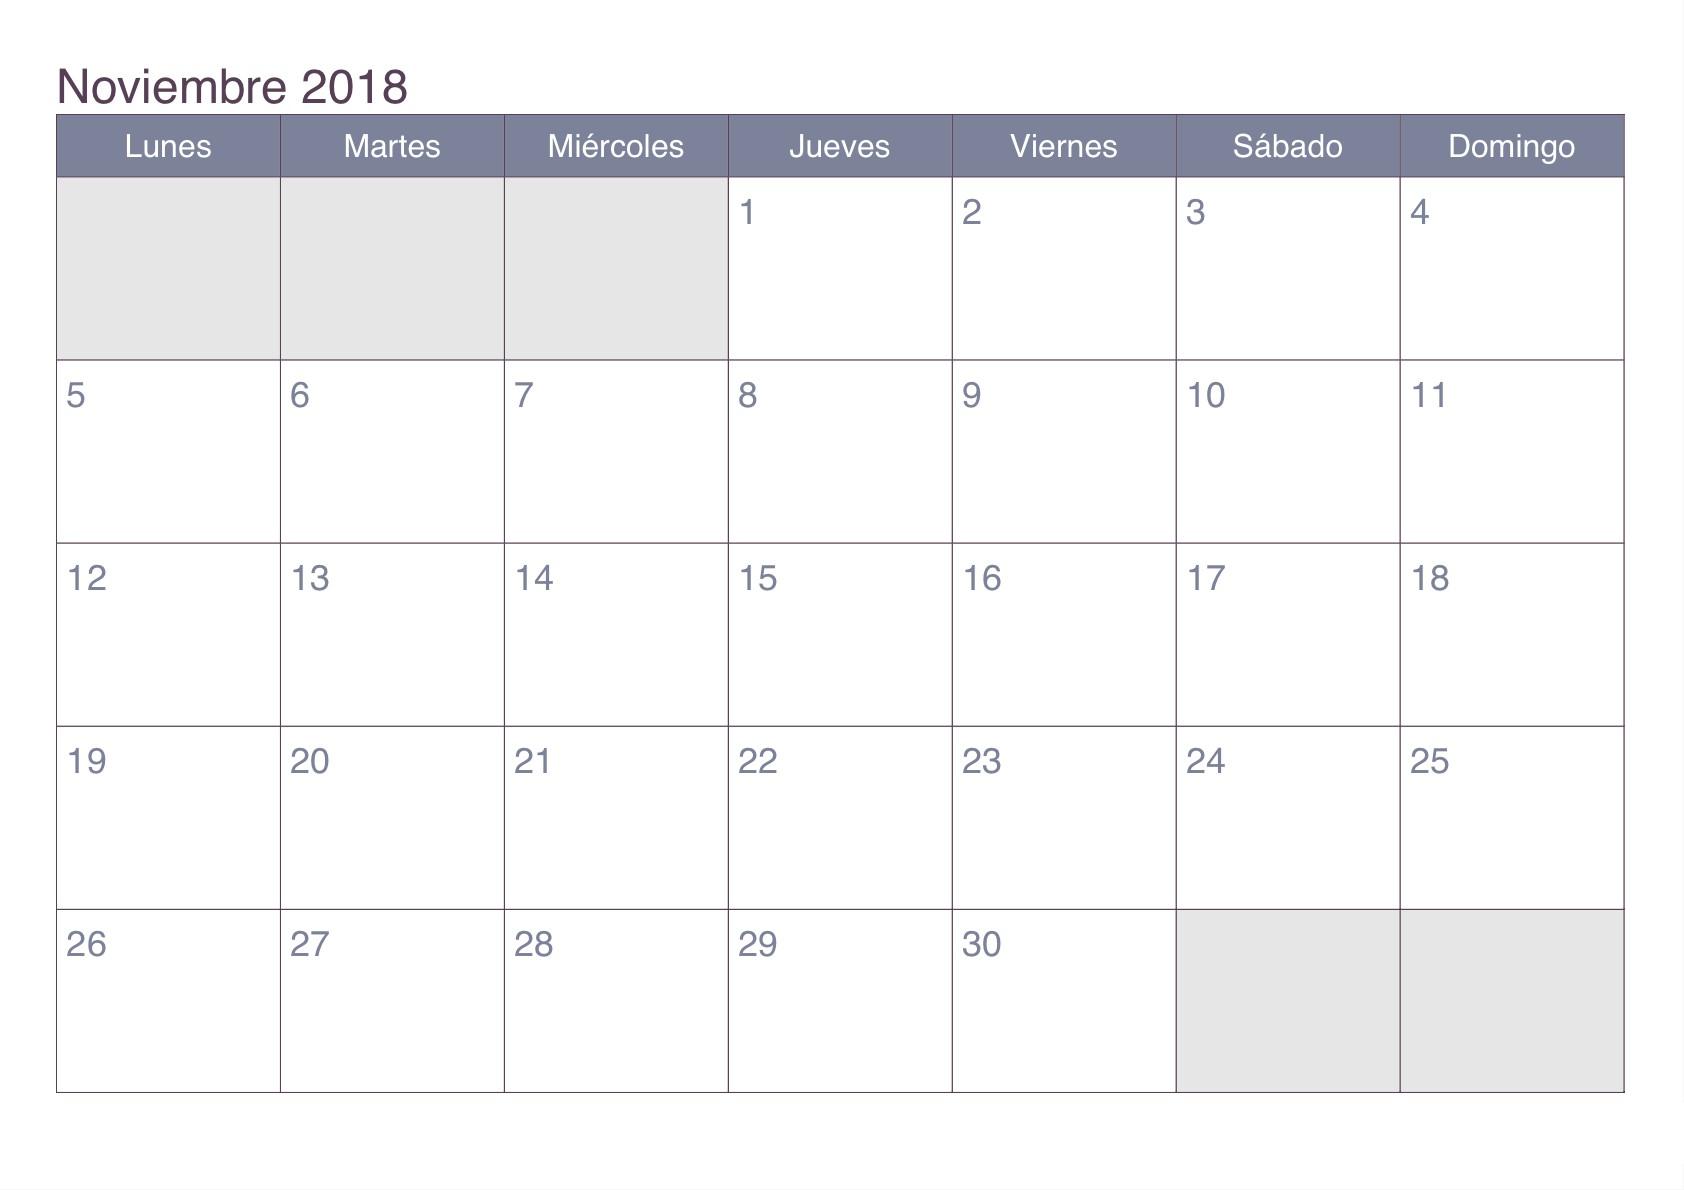 Calendario 2016 En Chile Para Imprimir Más Recientemente Liberado Calendario Noviembre 2018 Para Imprimir Image Of Calendario 2016 En Chile Para Imprimir Más Arriba-a-fecha Blank Year Calendar Blank Calendar Pinterest